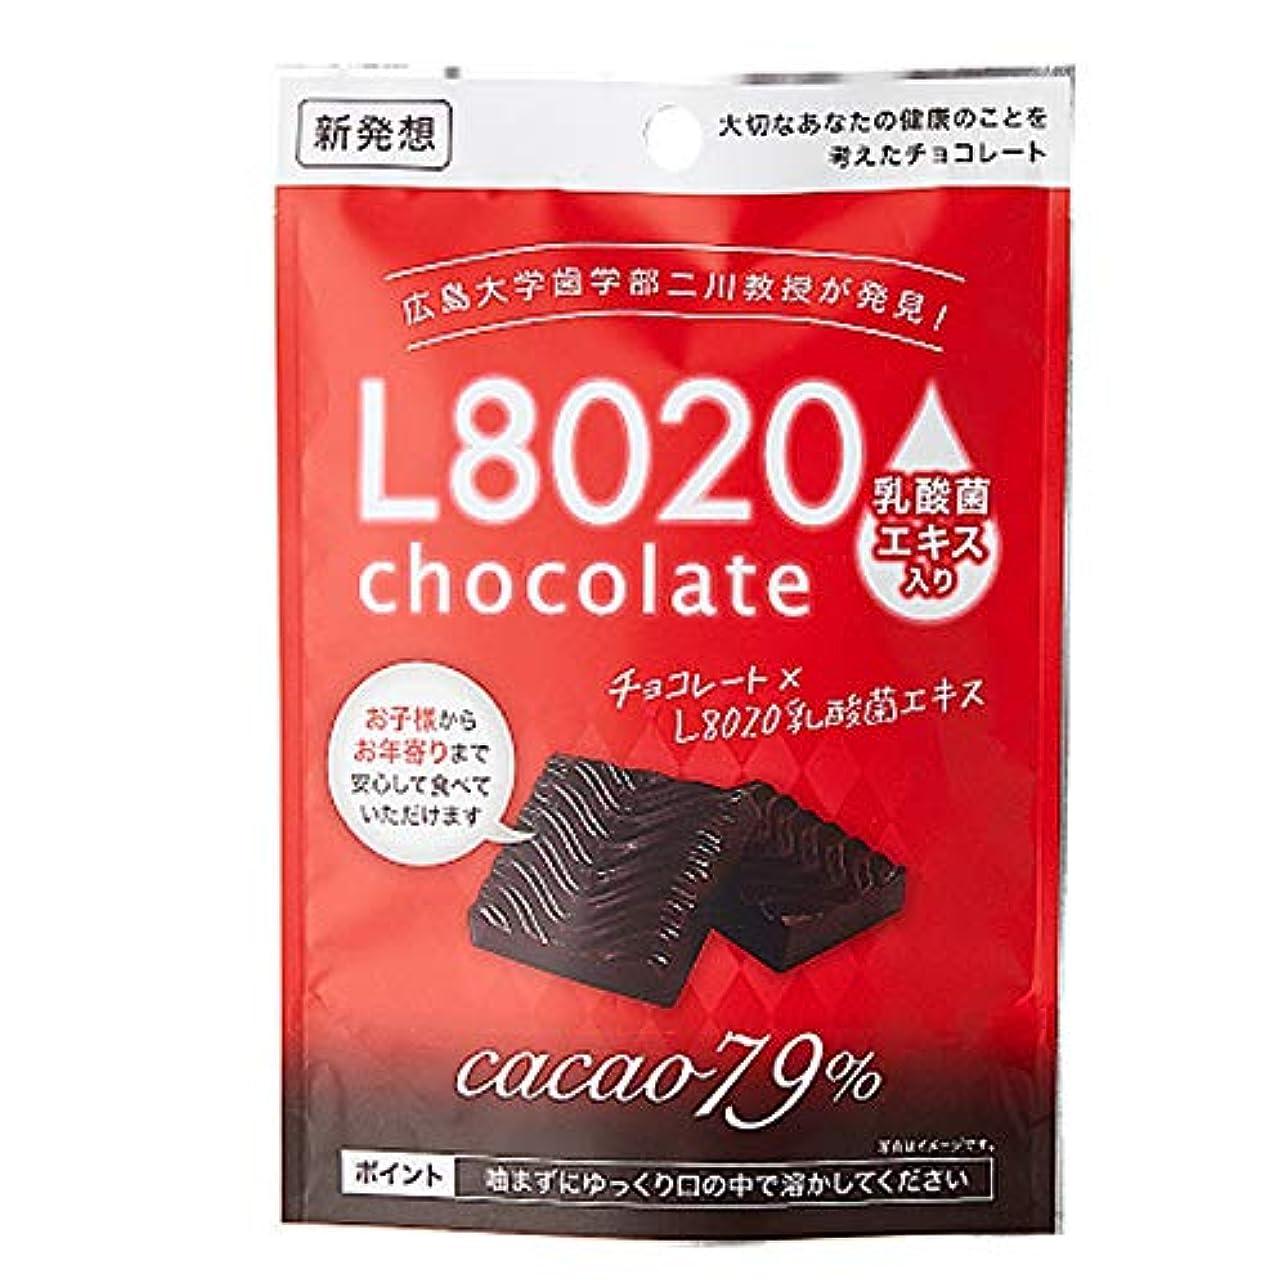 略語出発亜熱帯BSA L8020乳酸菌 チョコレート29g(5.8gx5枚)×1袋